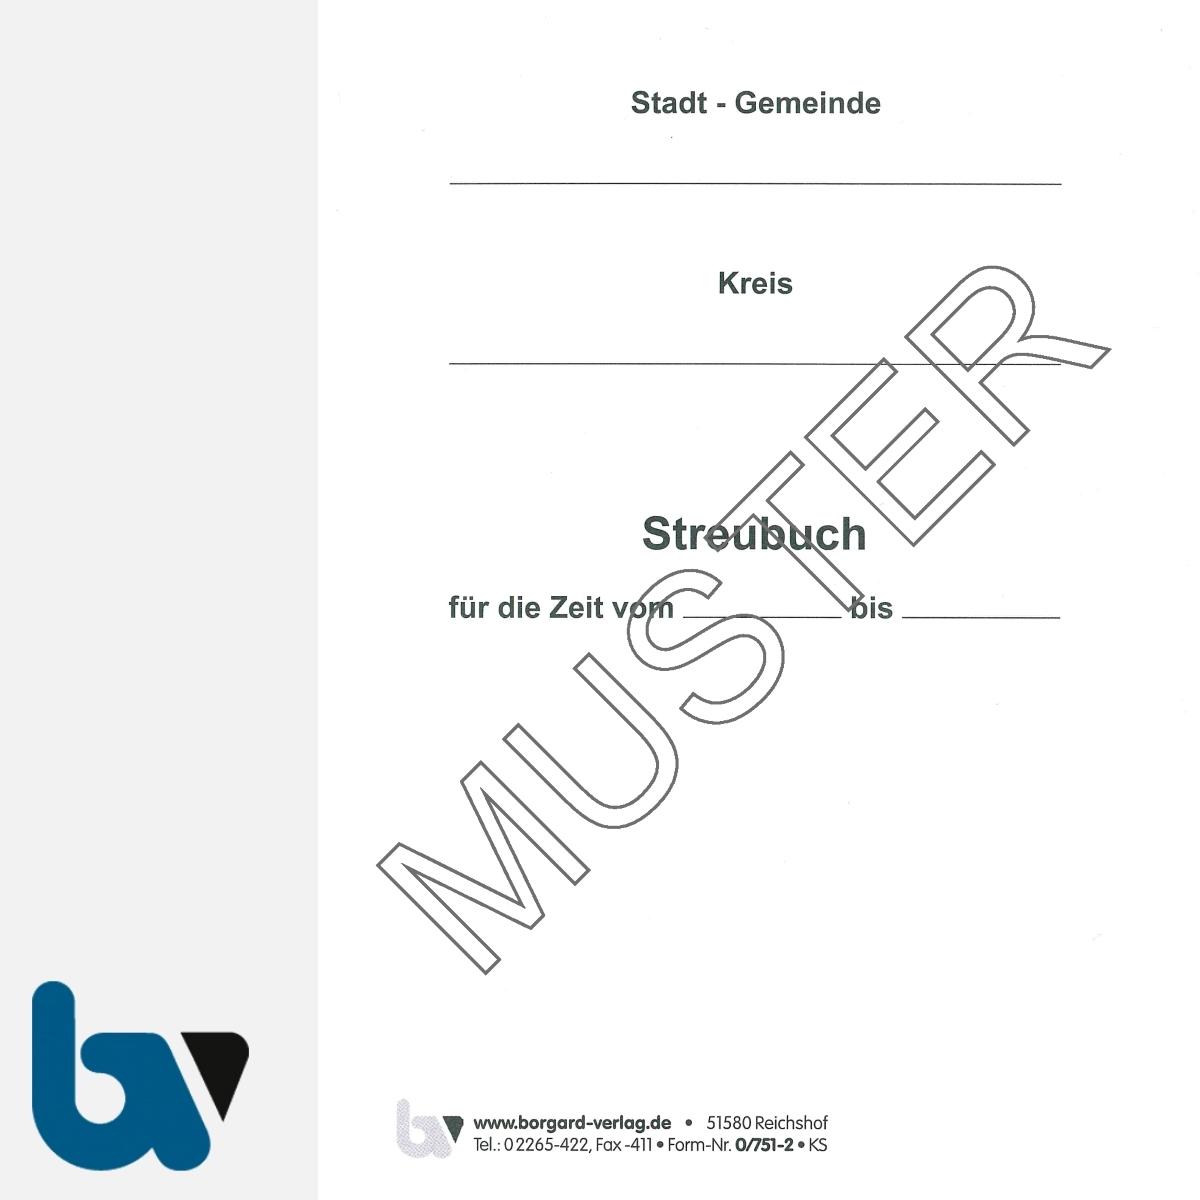 0/751-2 Streubuch Winterdienst Einsatz 12 17 Wetterfest Einlage Titel | Borgard Verlag GmbH